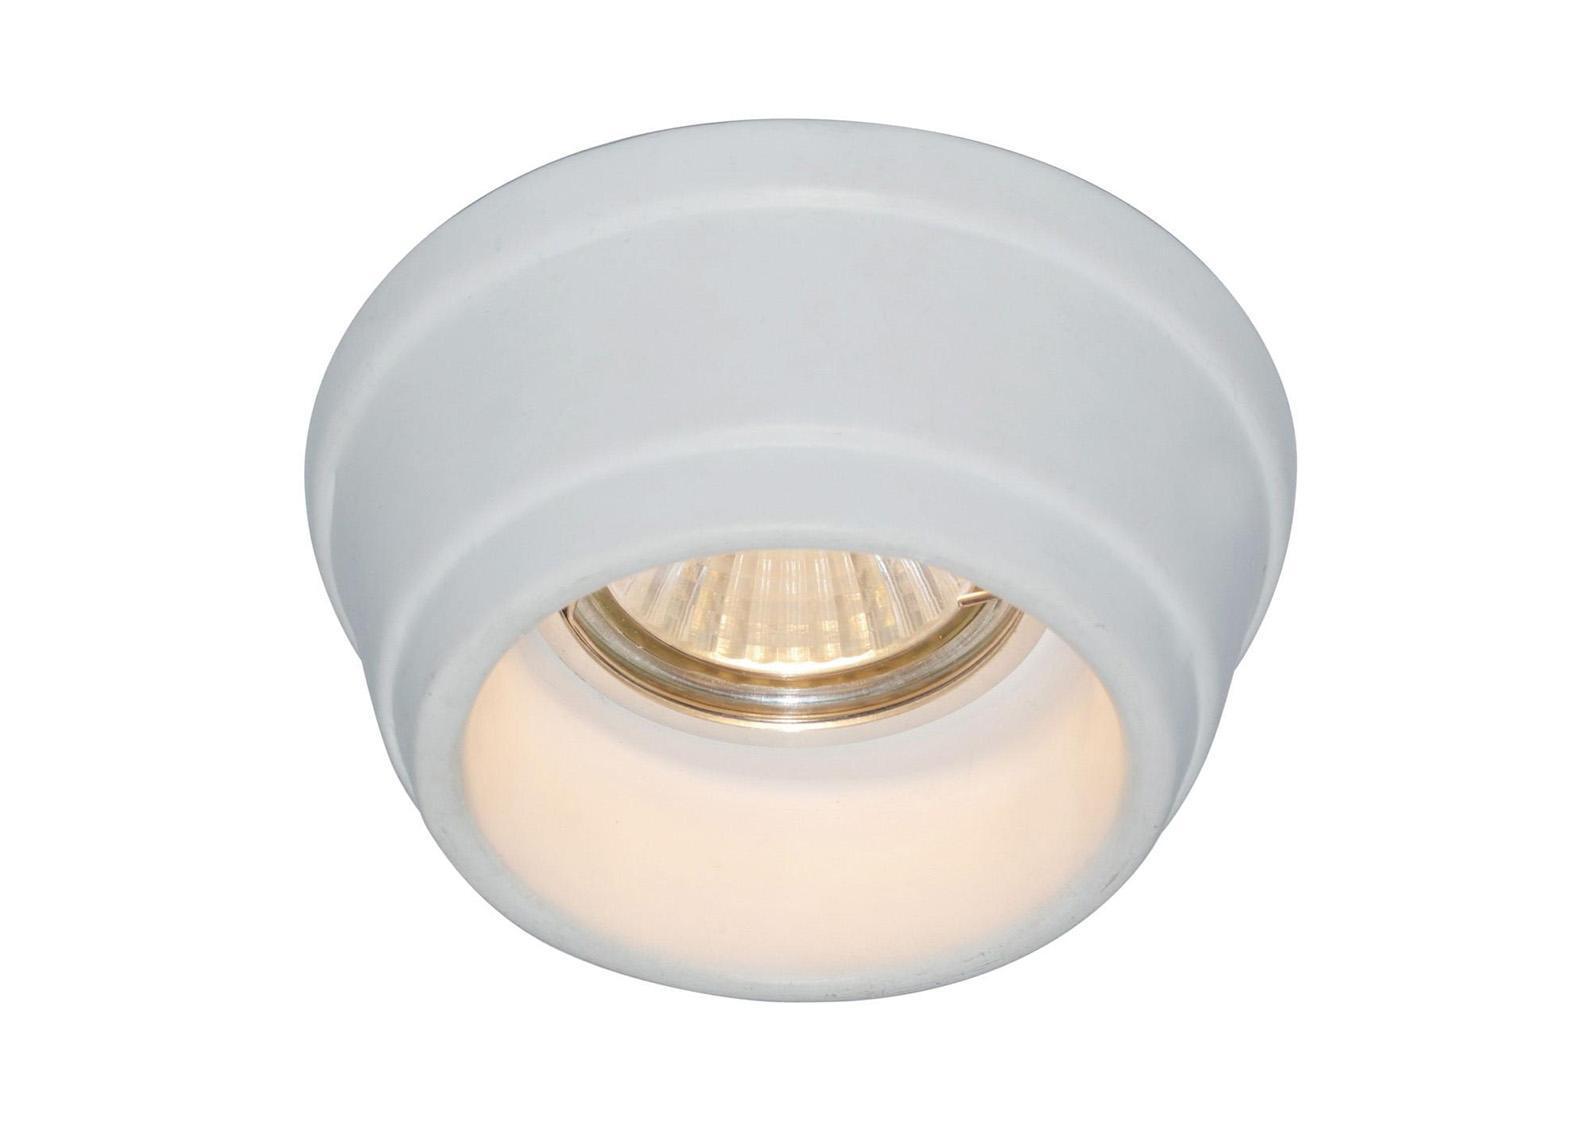 Светильник встраиваемый Arte lamp A5243pl-1wh встраиваемый светильник arte lamp cielo a7314pl 1wh